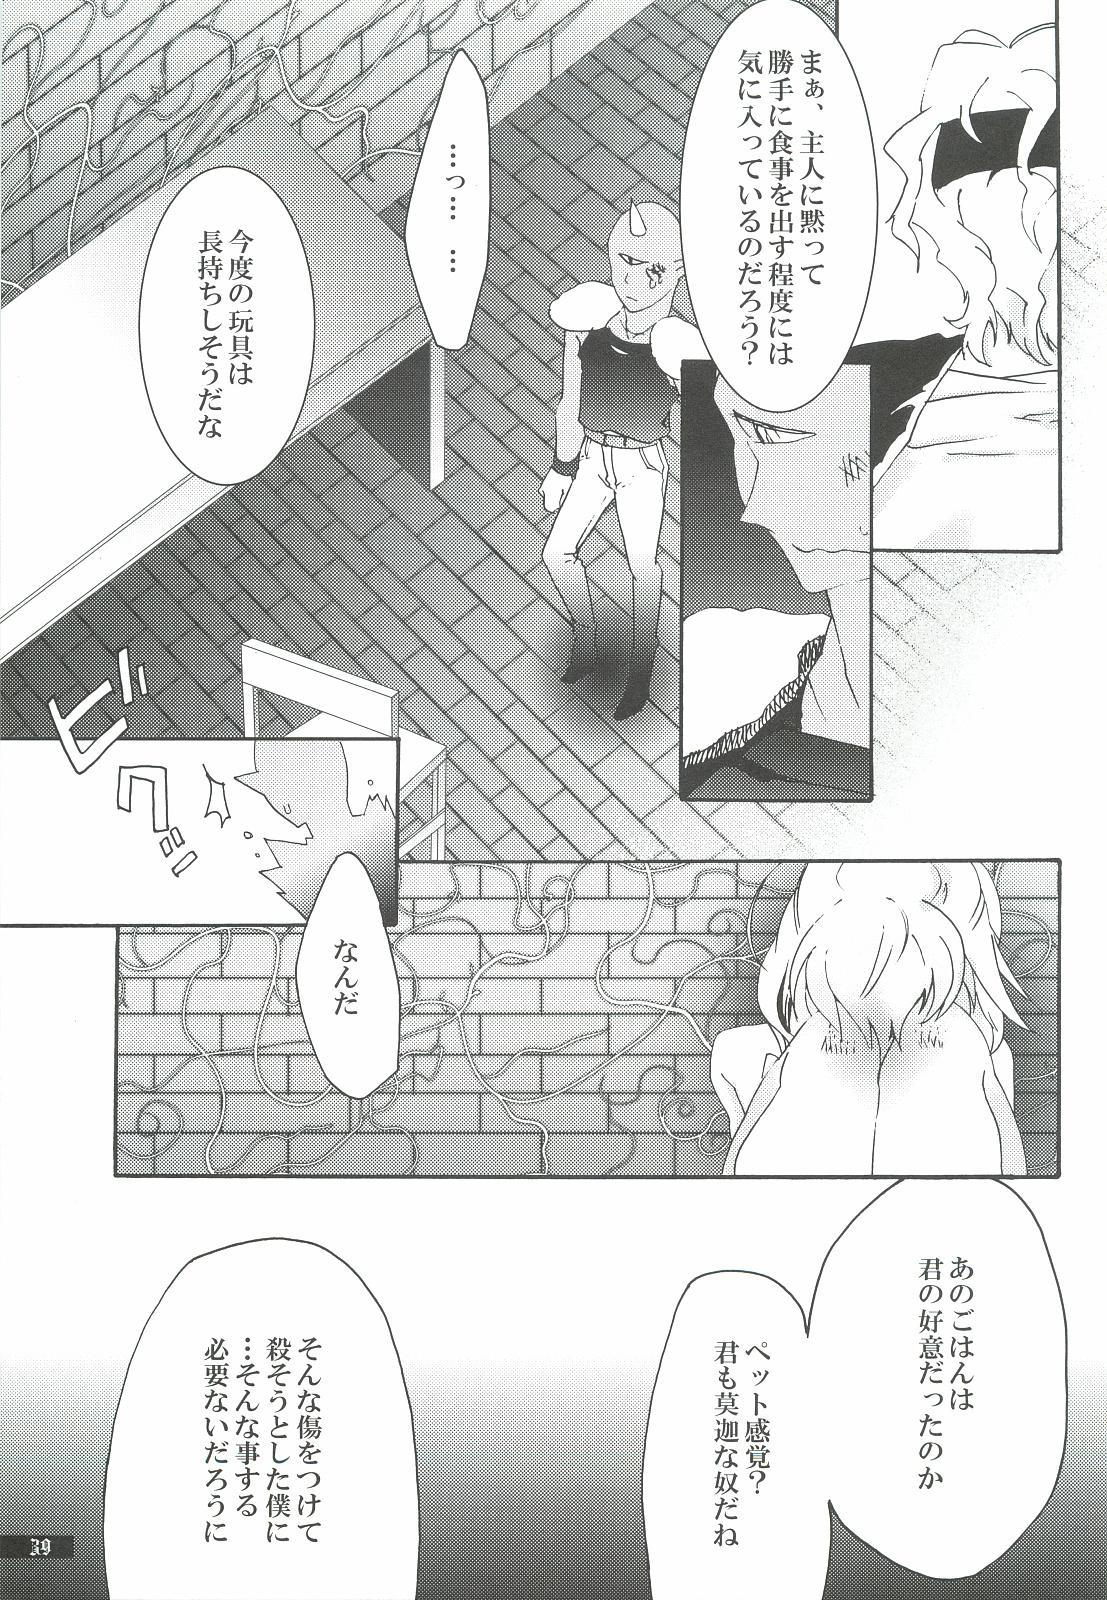 Hoshikuzu Rondo 3 38